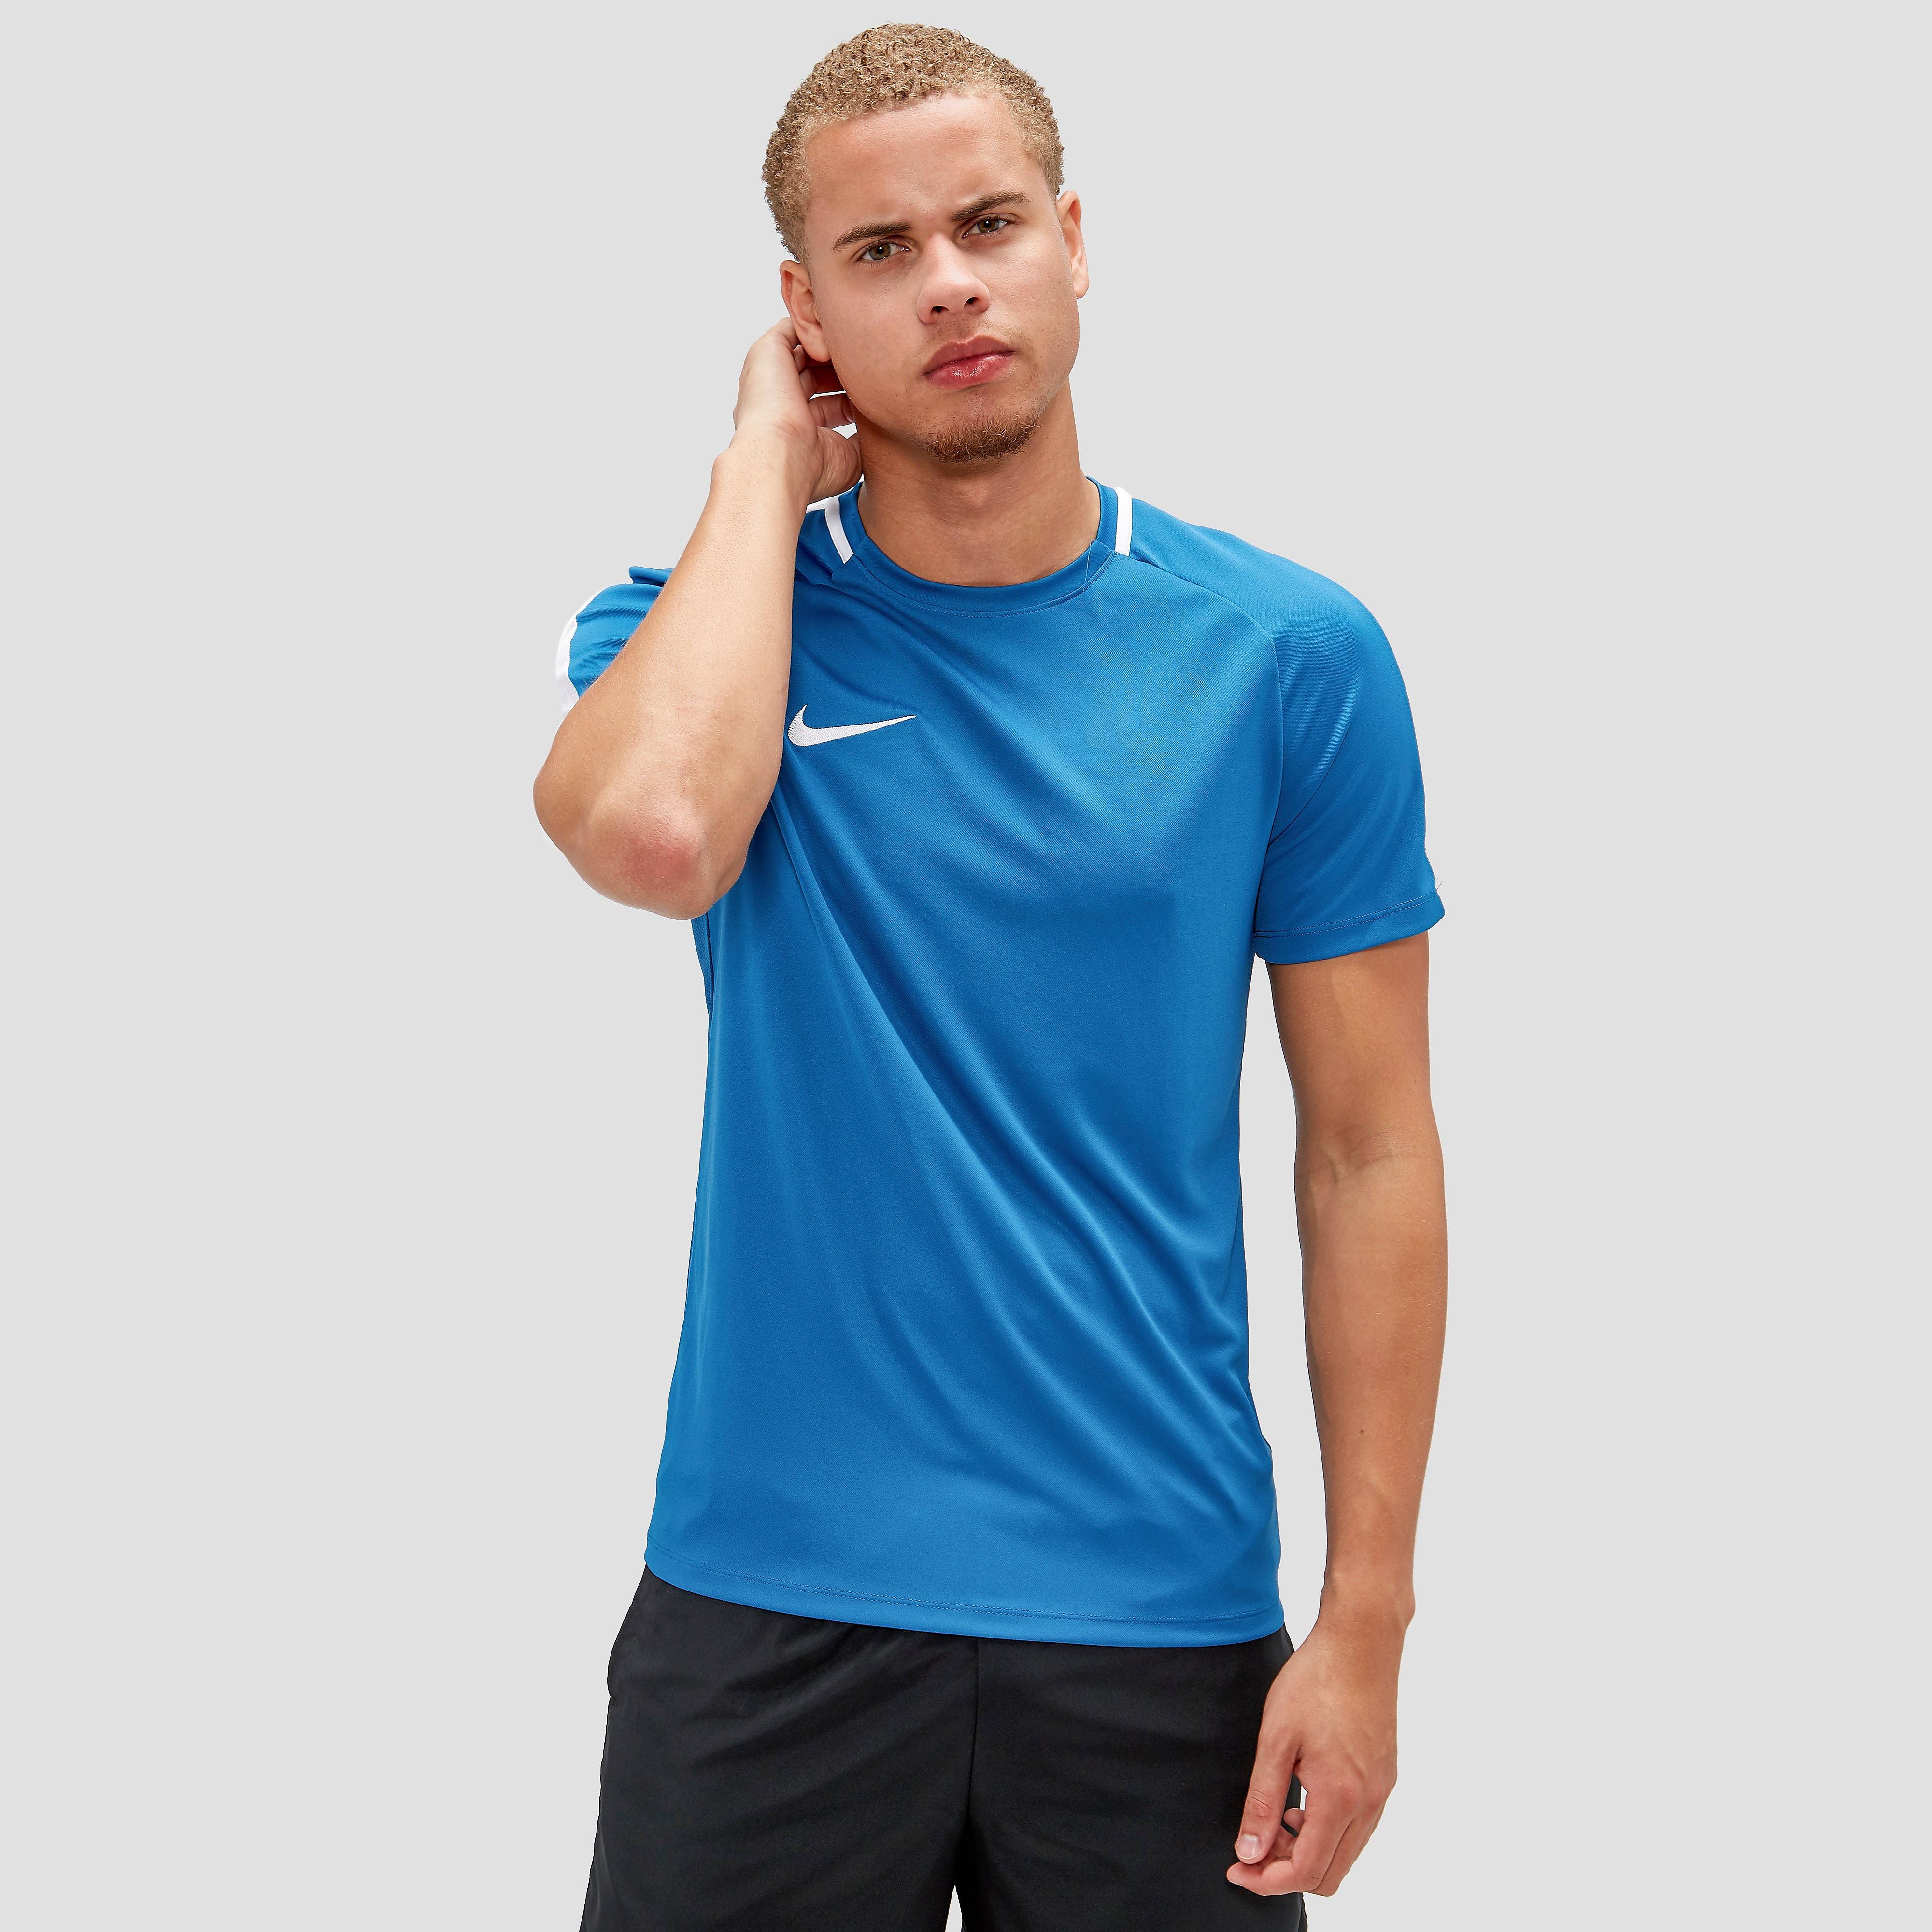 Nike DRY ACADEMY TRAININGSSHIRT HEREN online kopen